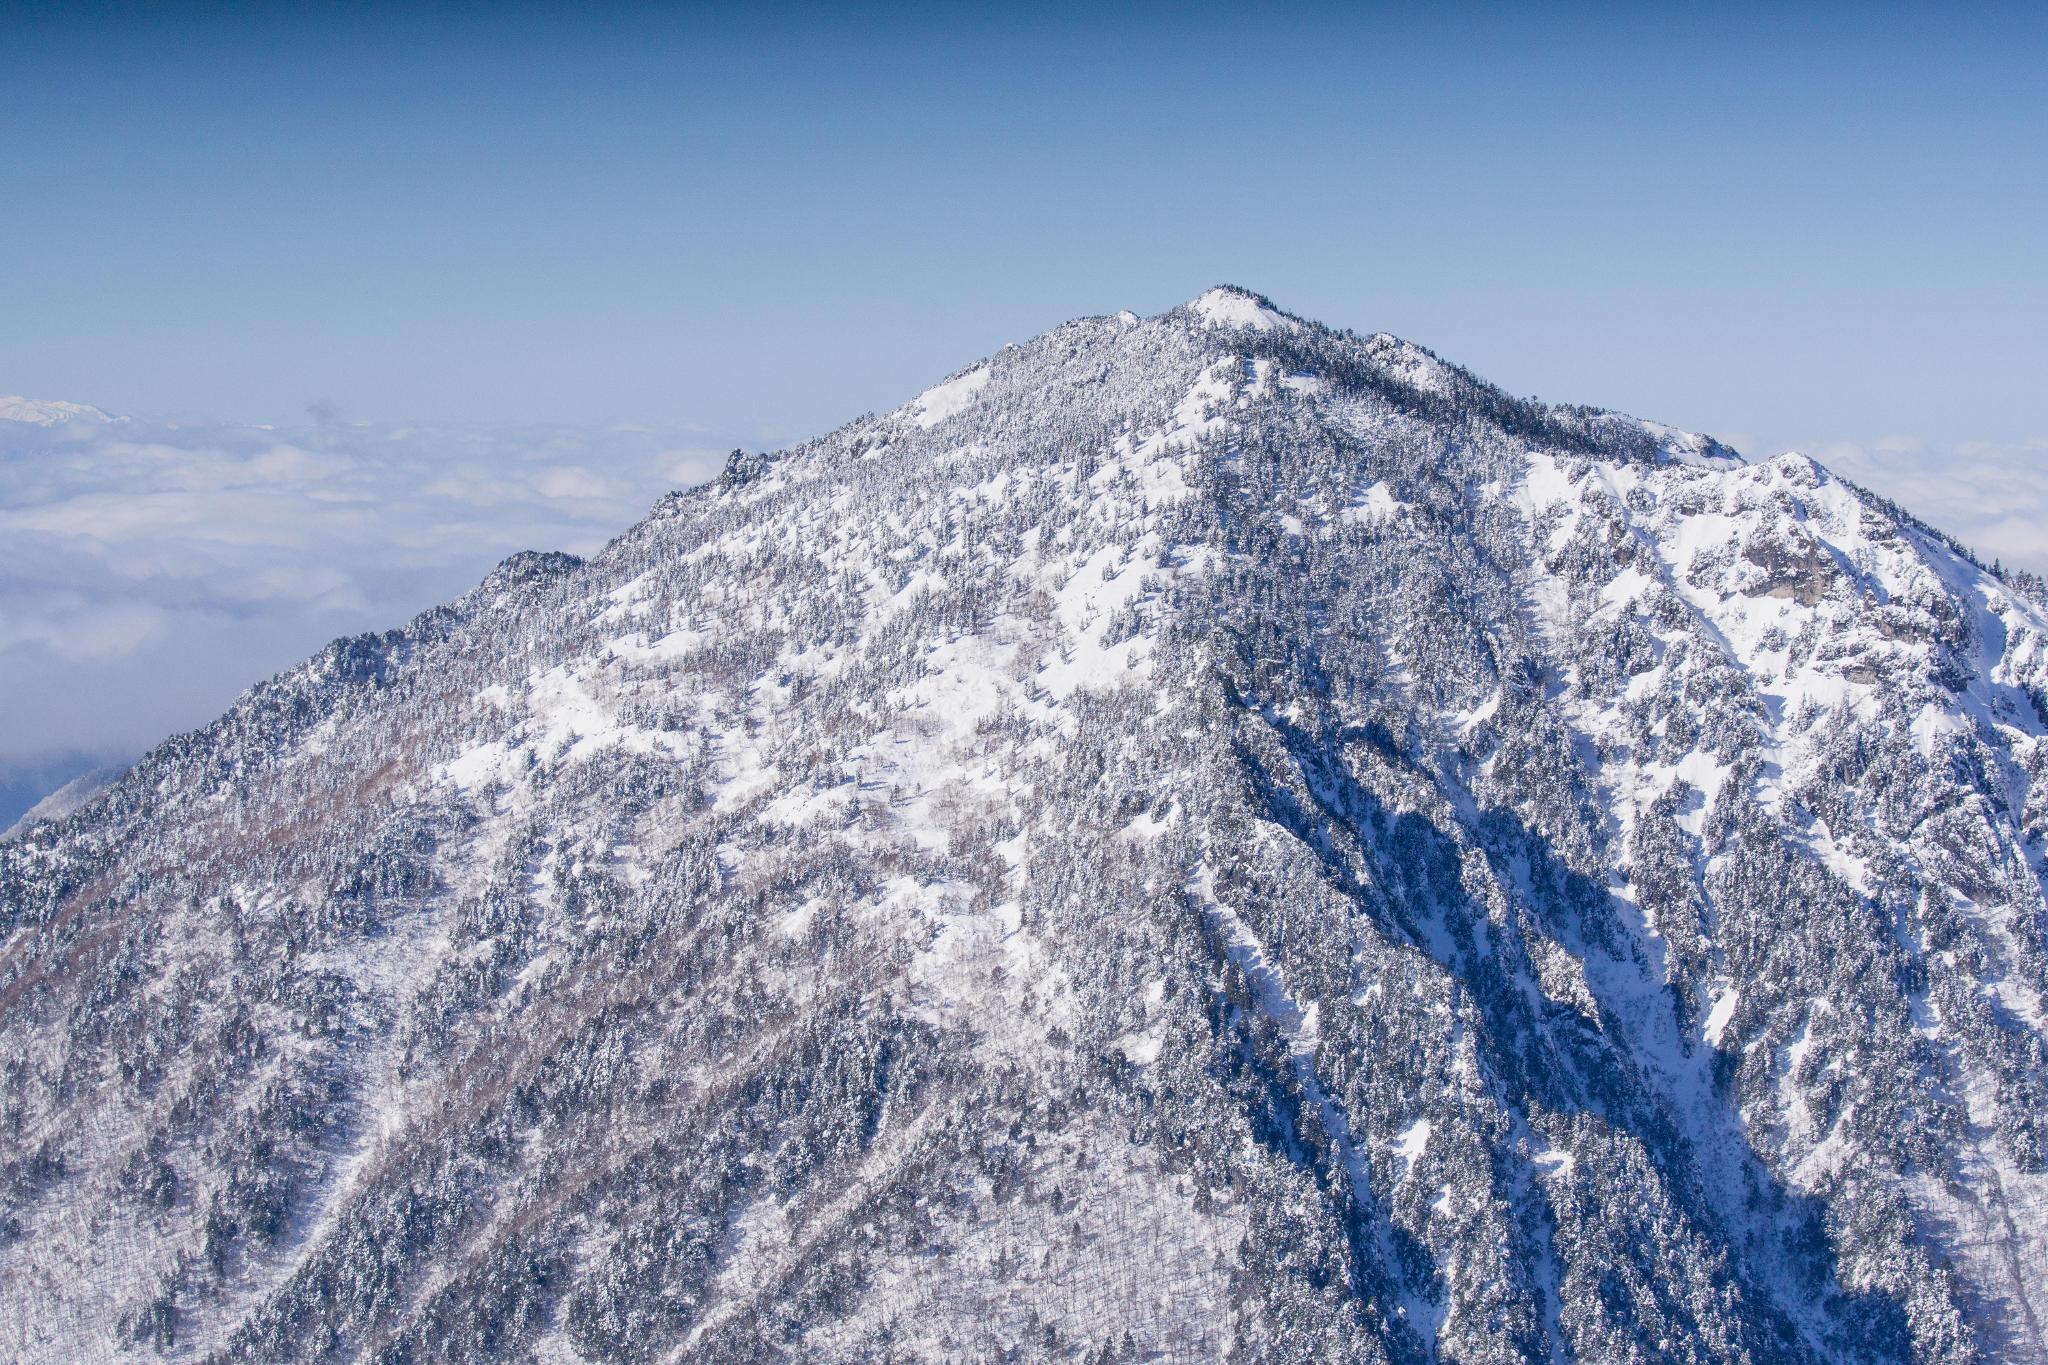 【岐阜】超級推薦!奧飛驒溫泉鄉的冬季戀歌 ~ 新穗高纜車雪景攻略 100